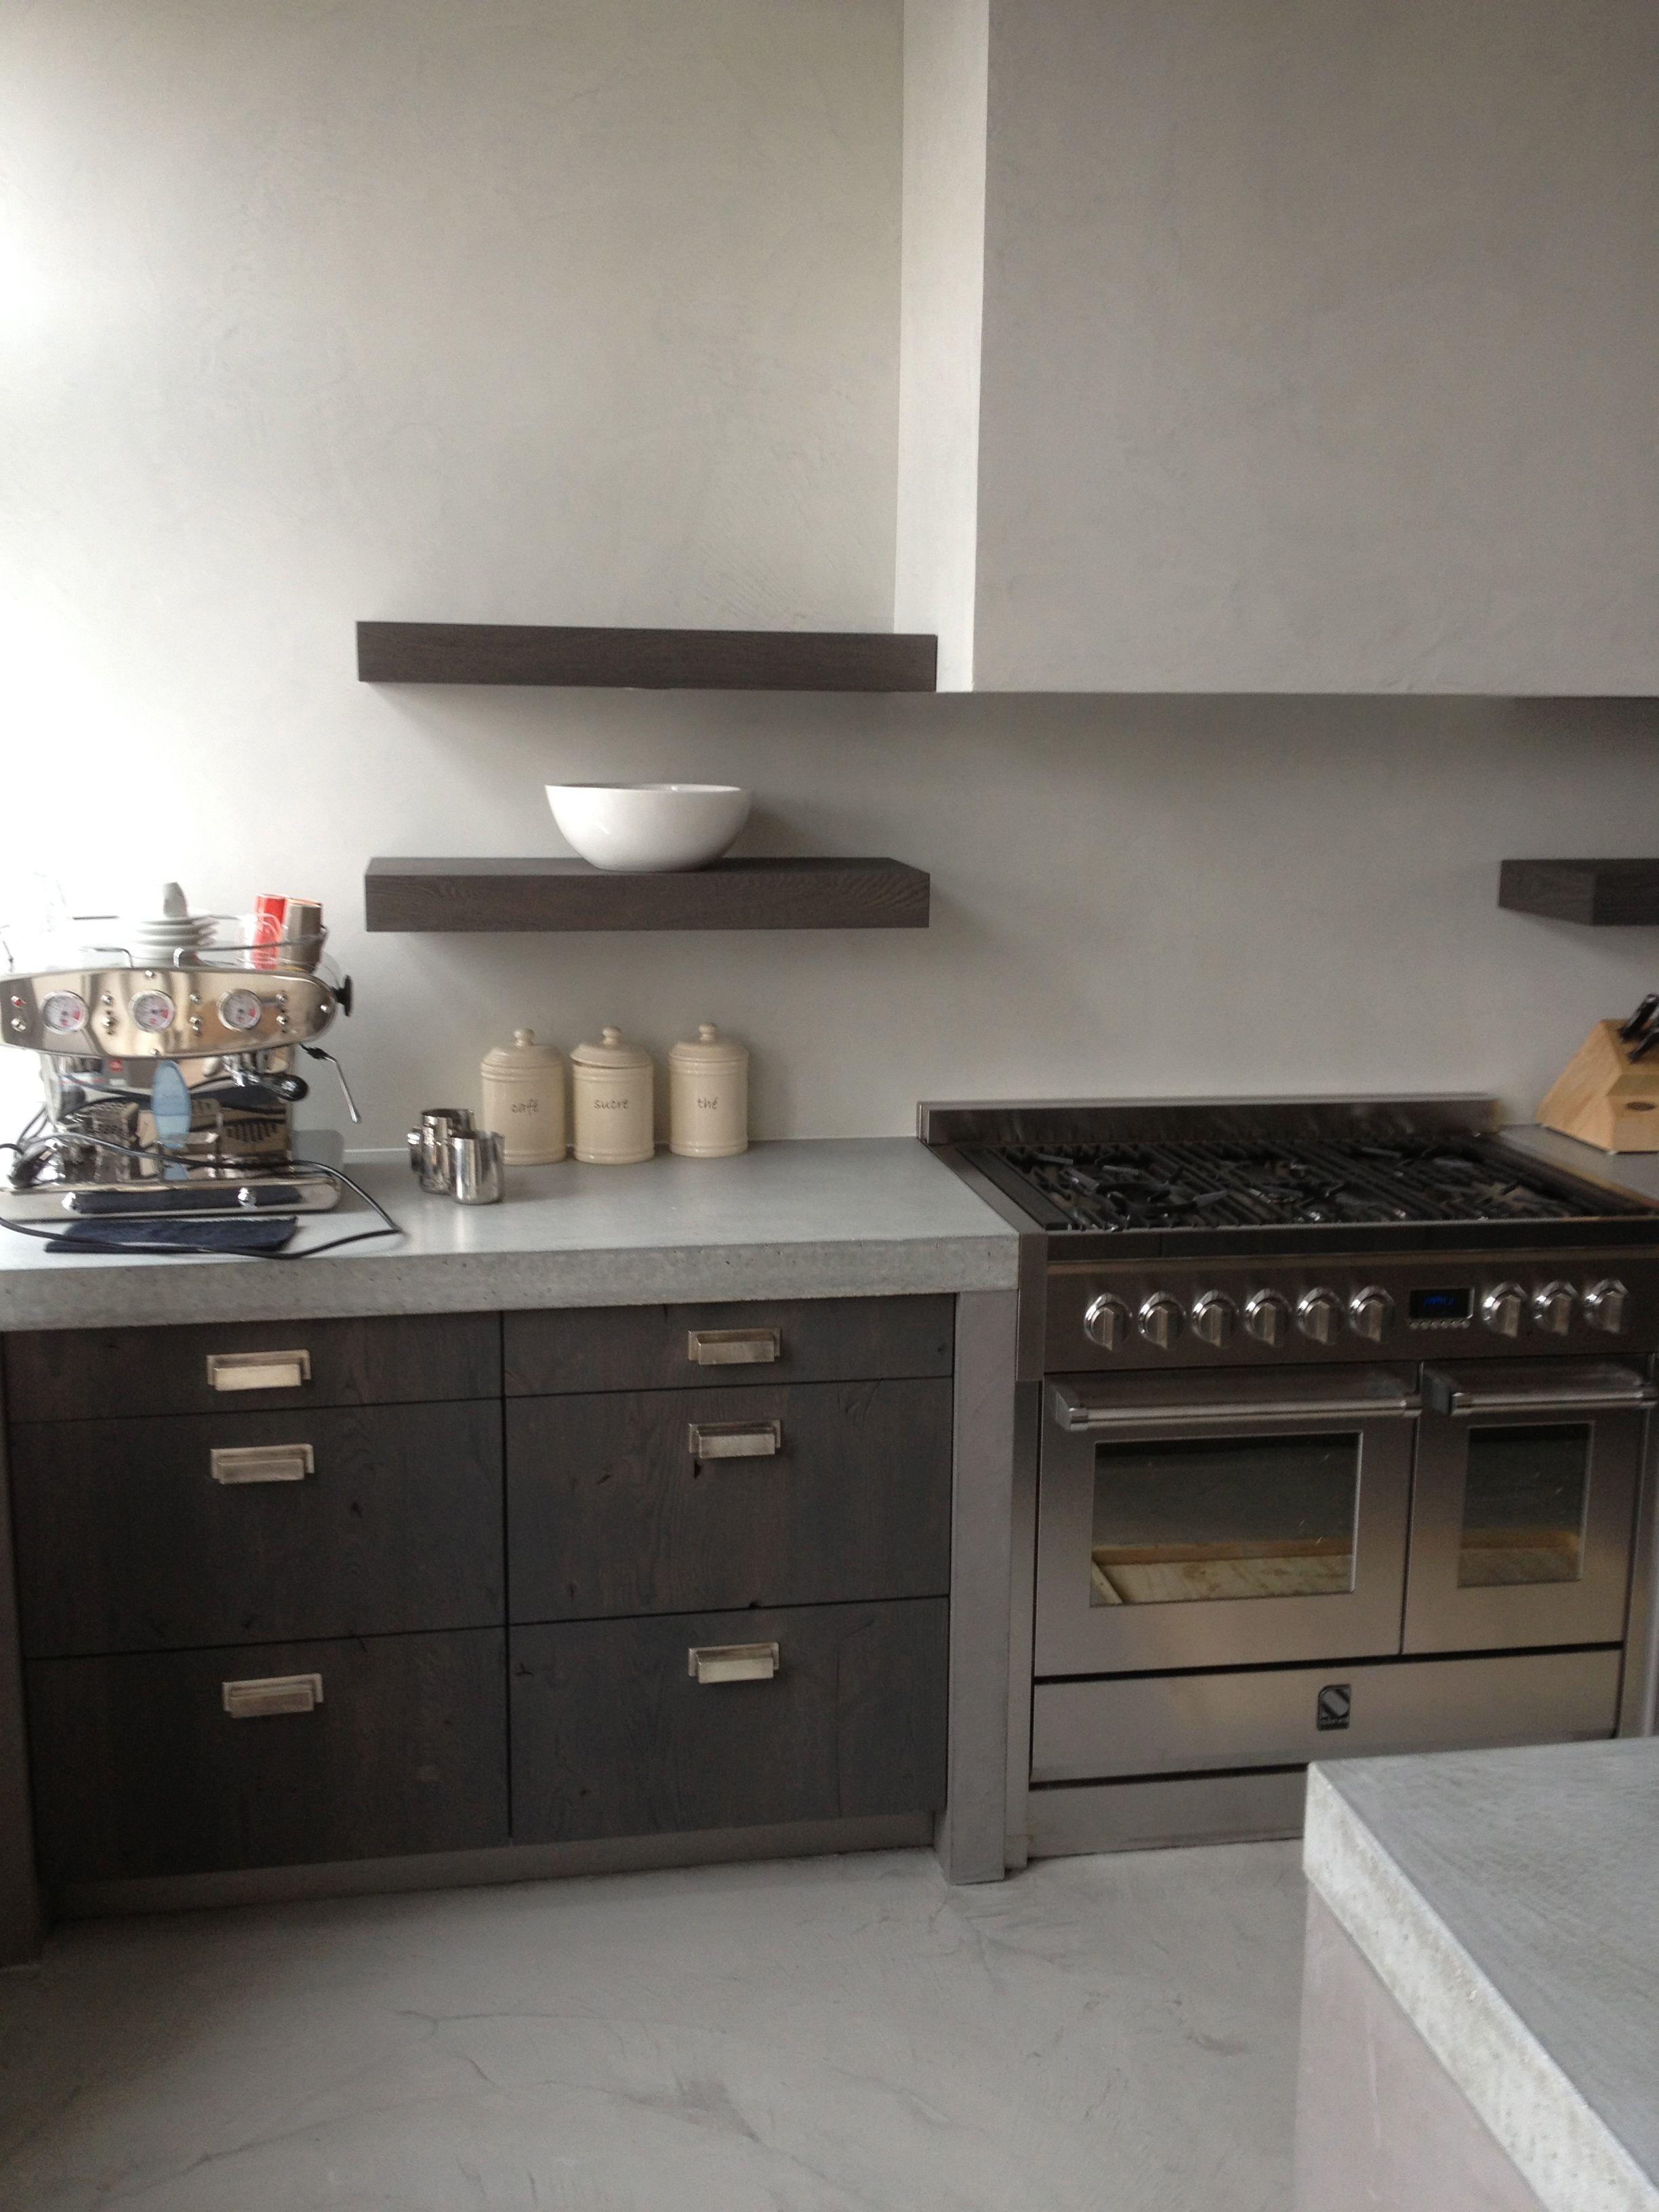 Img 1953 Jpg 2448 3264 Concrete Kitchen Modern Kitchen Black Kitchen Cabinets